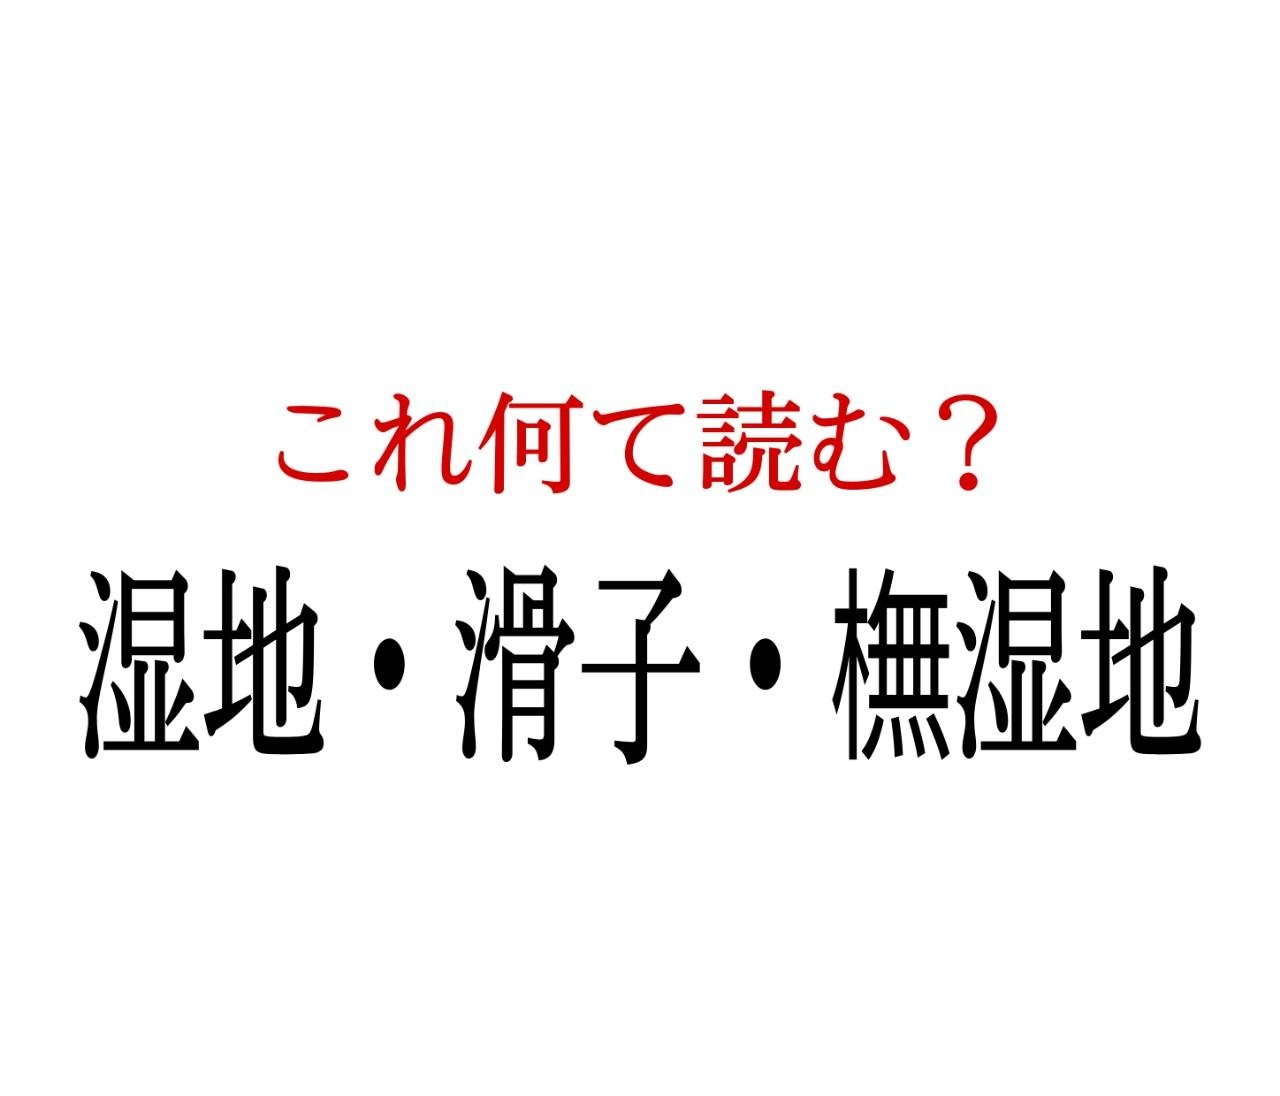 「湿地・滑子・撫湿地」:この漢字、自信を持って読めますか?【働く大人の漢字クイズvol.45】